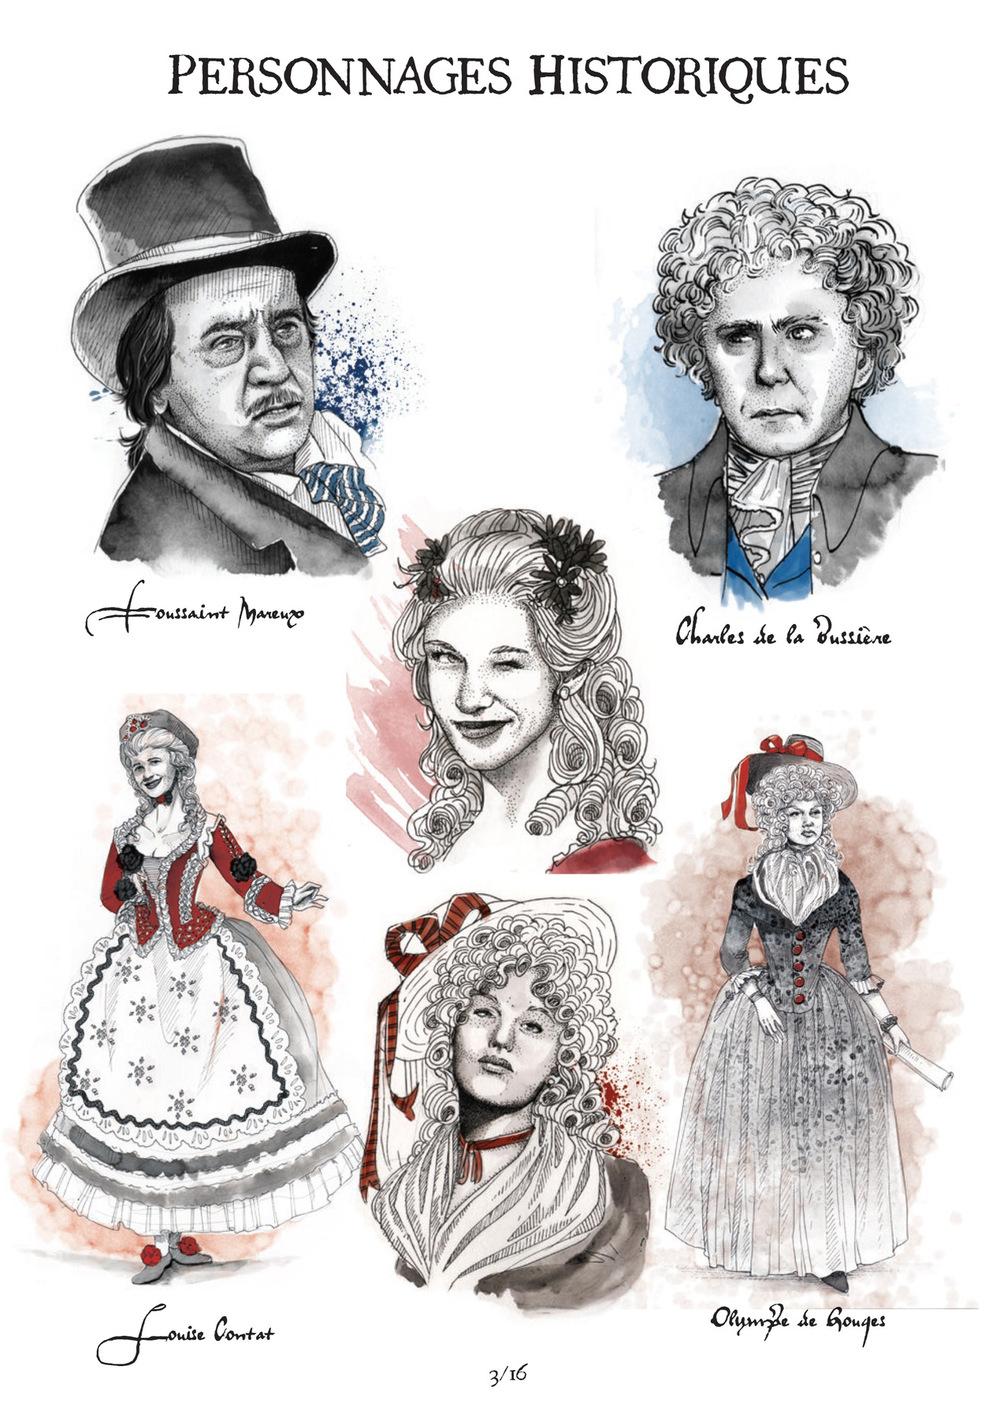 Aurélie Betsch Illustrations - Personnages du projet Les Dieux ont soif